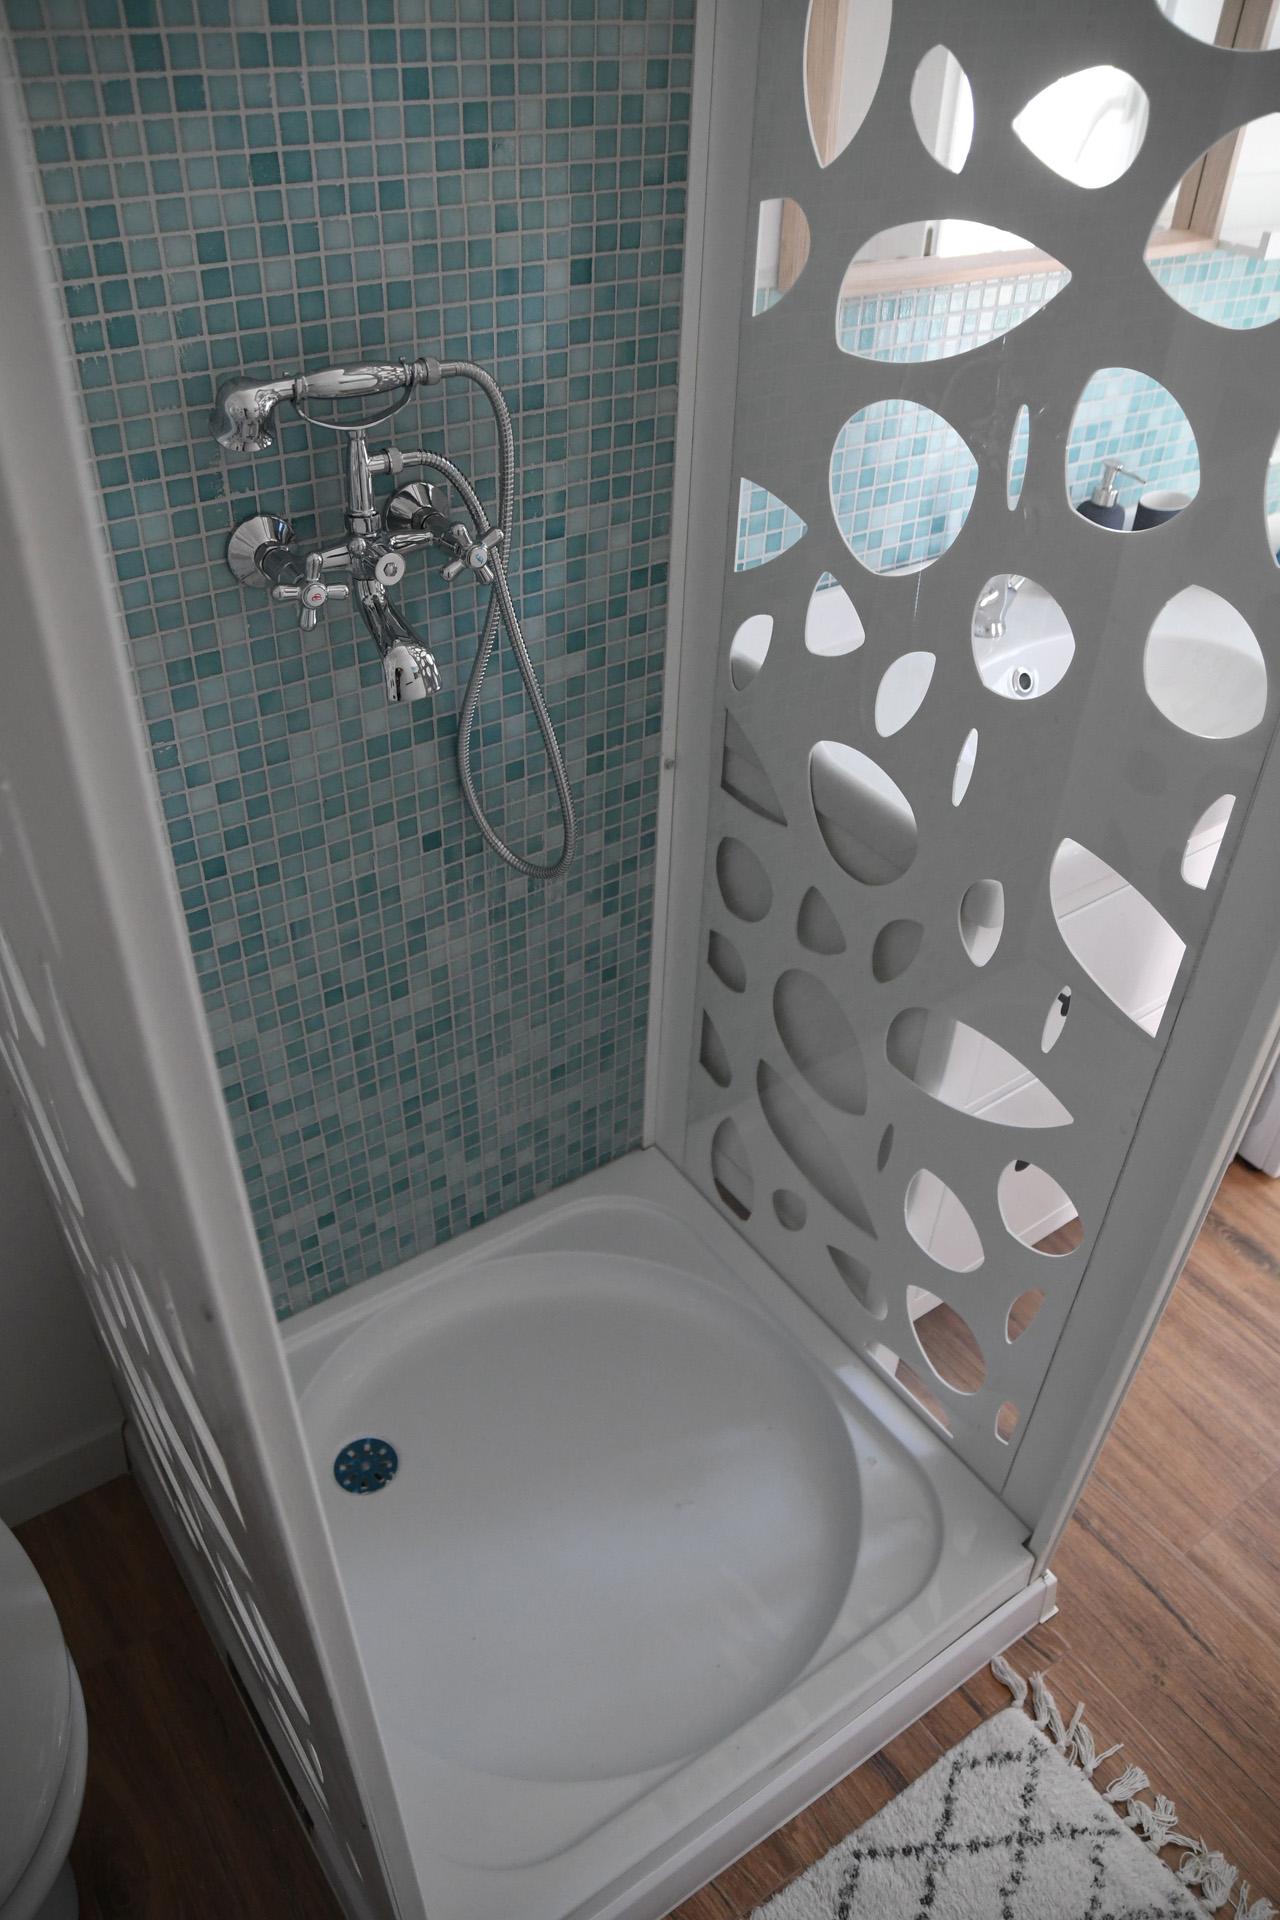 duș casă mobilă